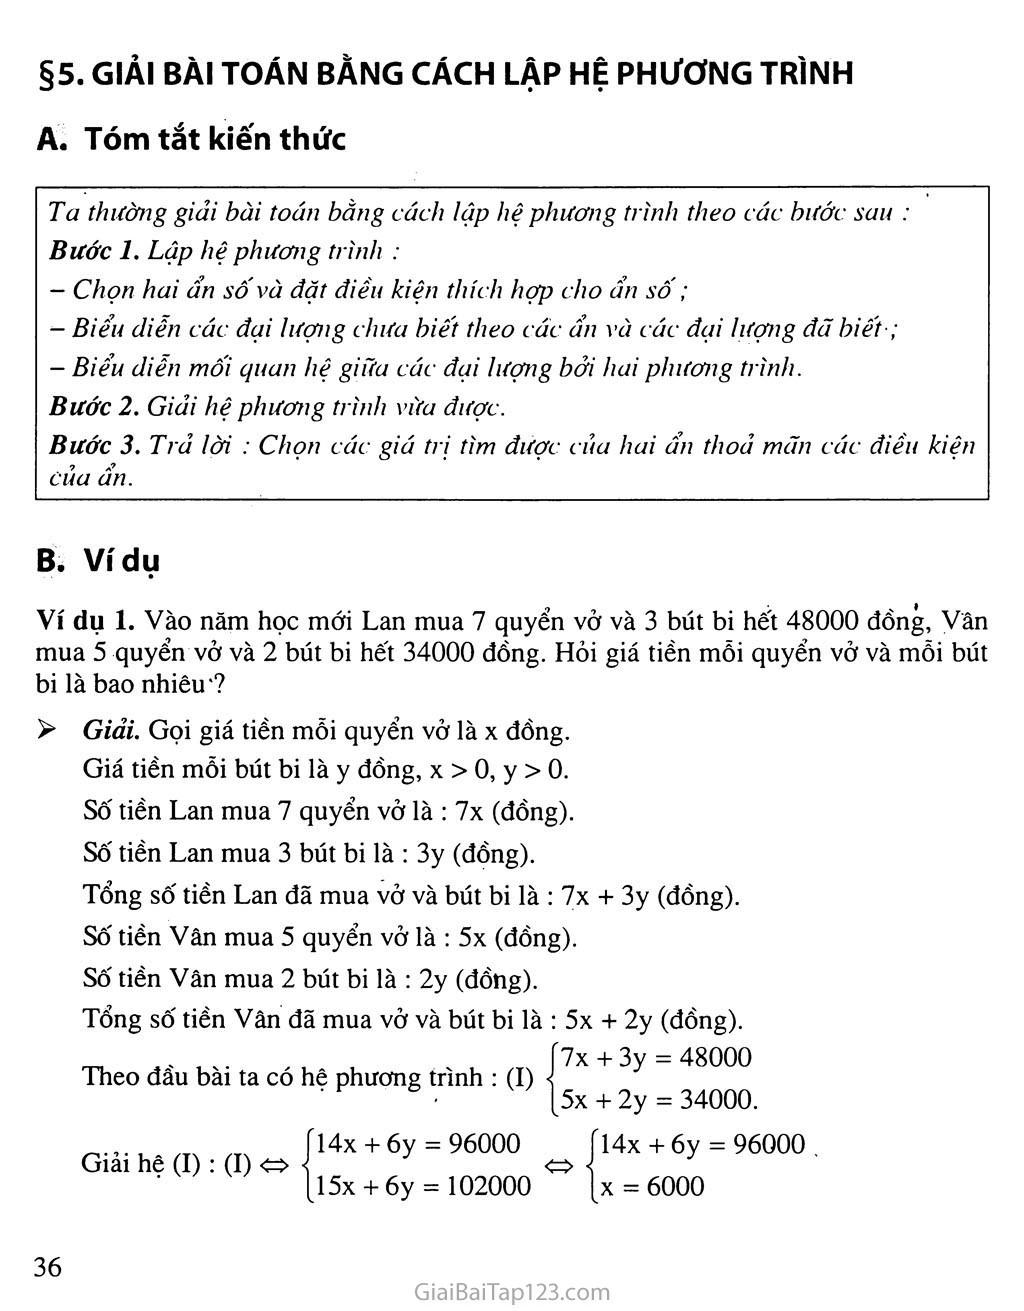 Bài 5. Giải bài toán bằng cách lập hệ phương trình trang 1